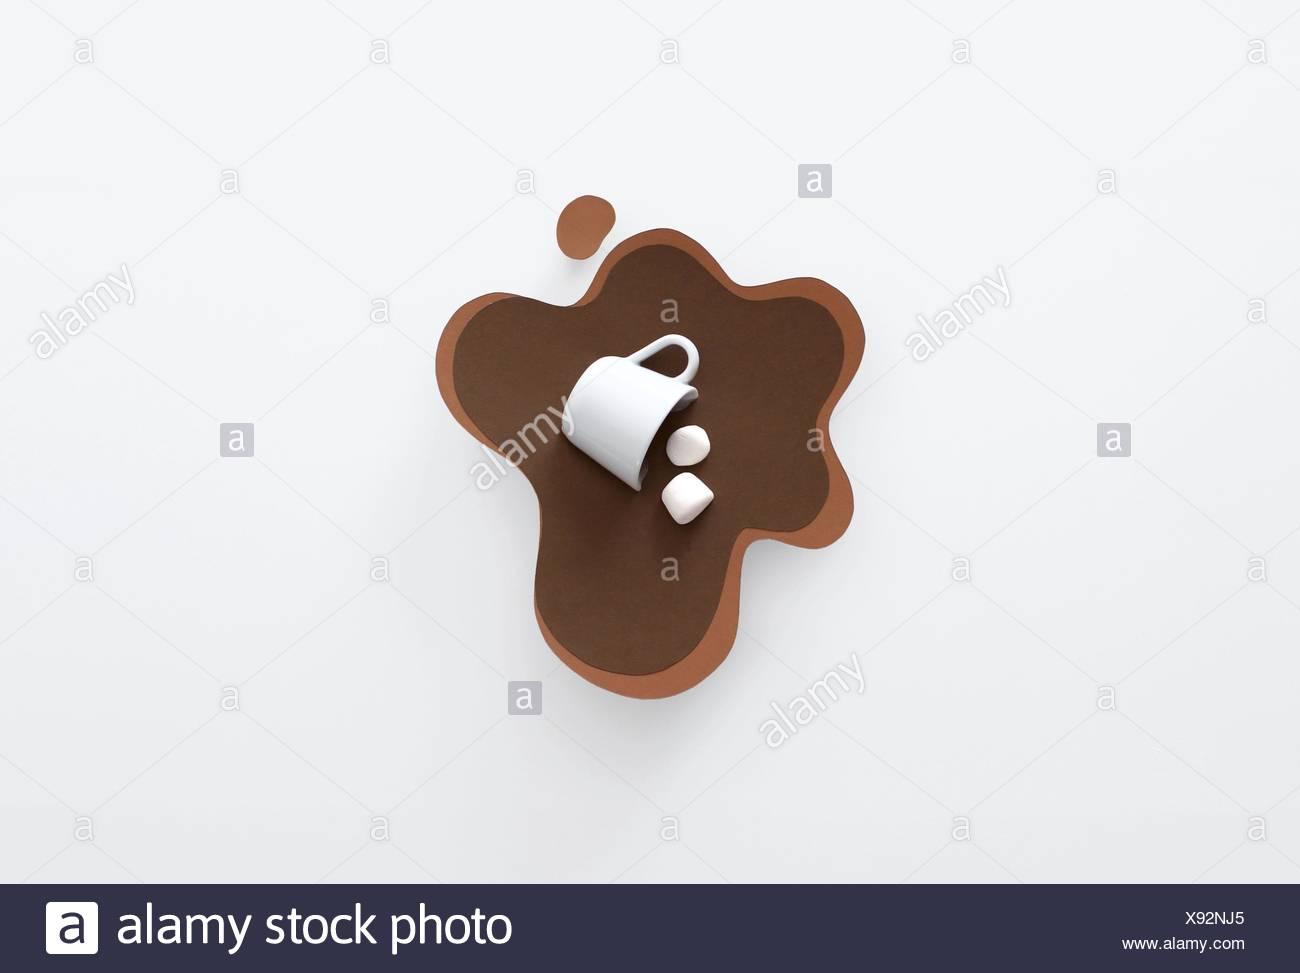 Mug conceptual derribados, tumbado en una piscina de papel hecha de chocolate caliente con malvaviscos Imagen De Stock